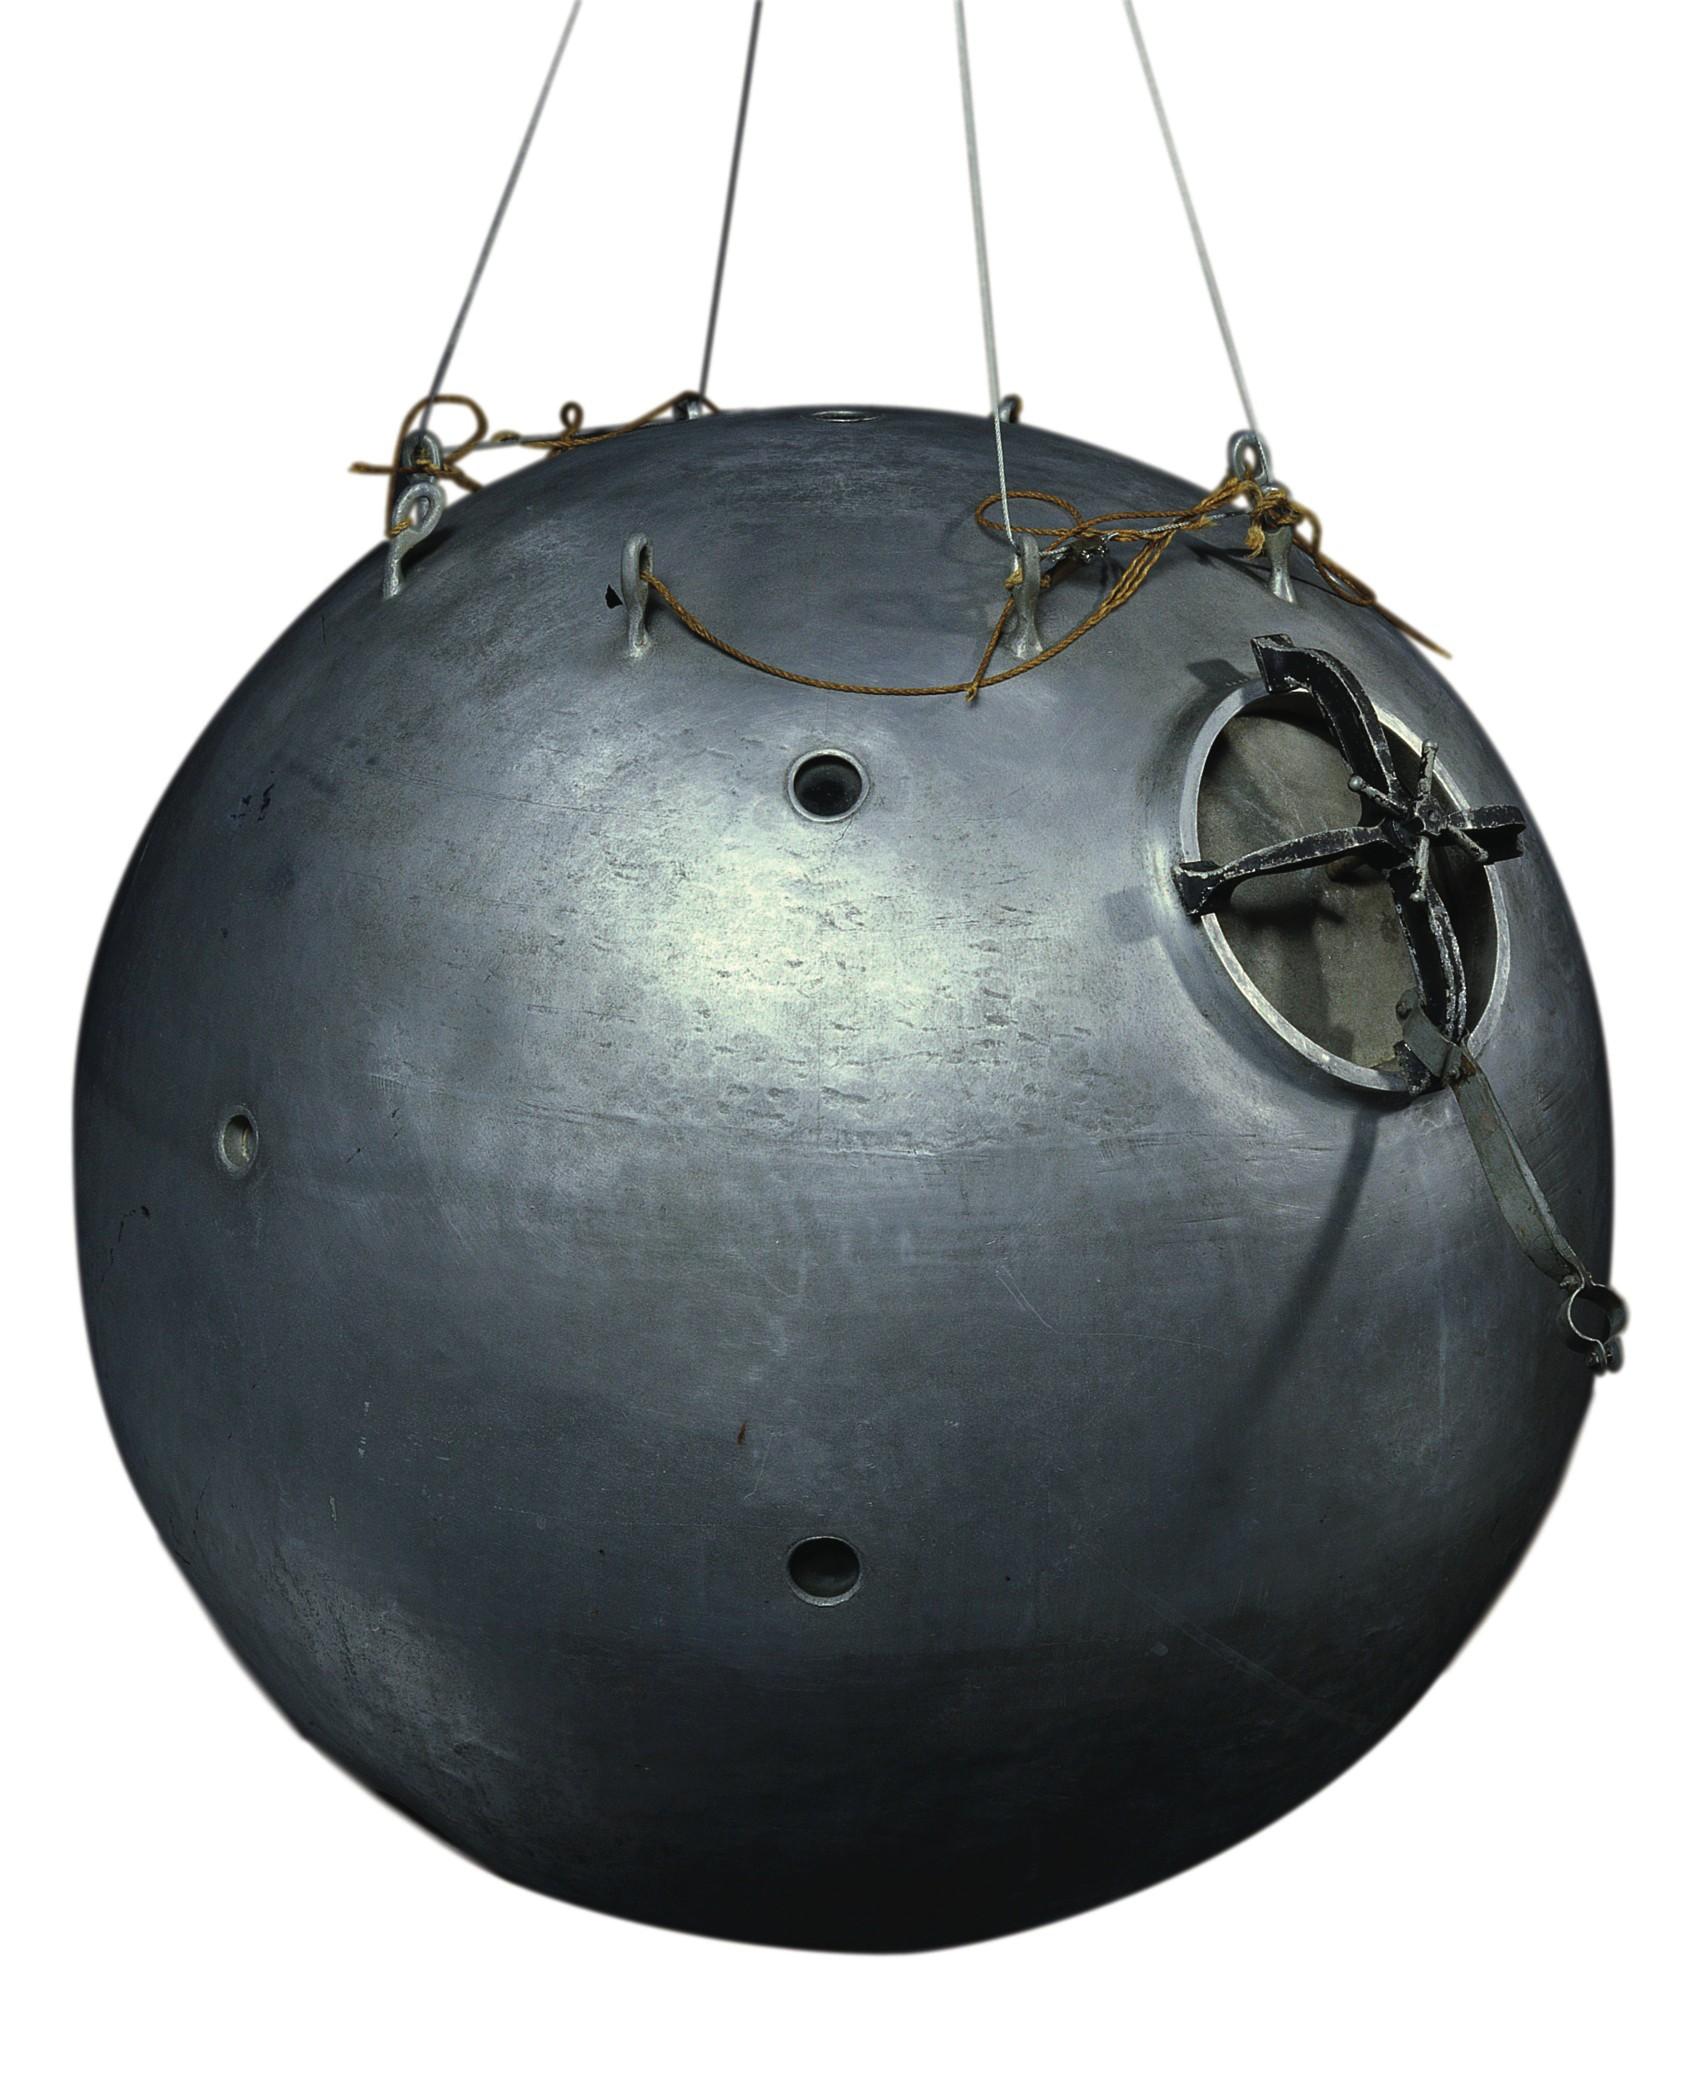 Ballon-annihilateur de mines volantes@(nacelle de ballon stratosphérique, 1931)